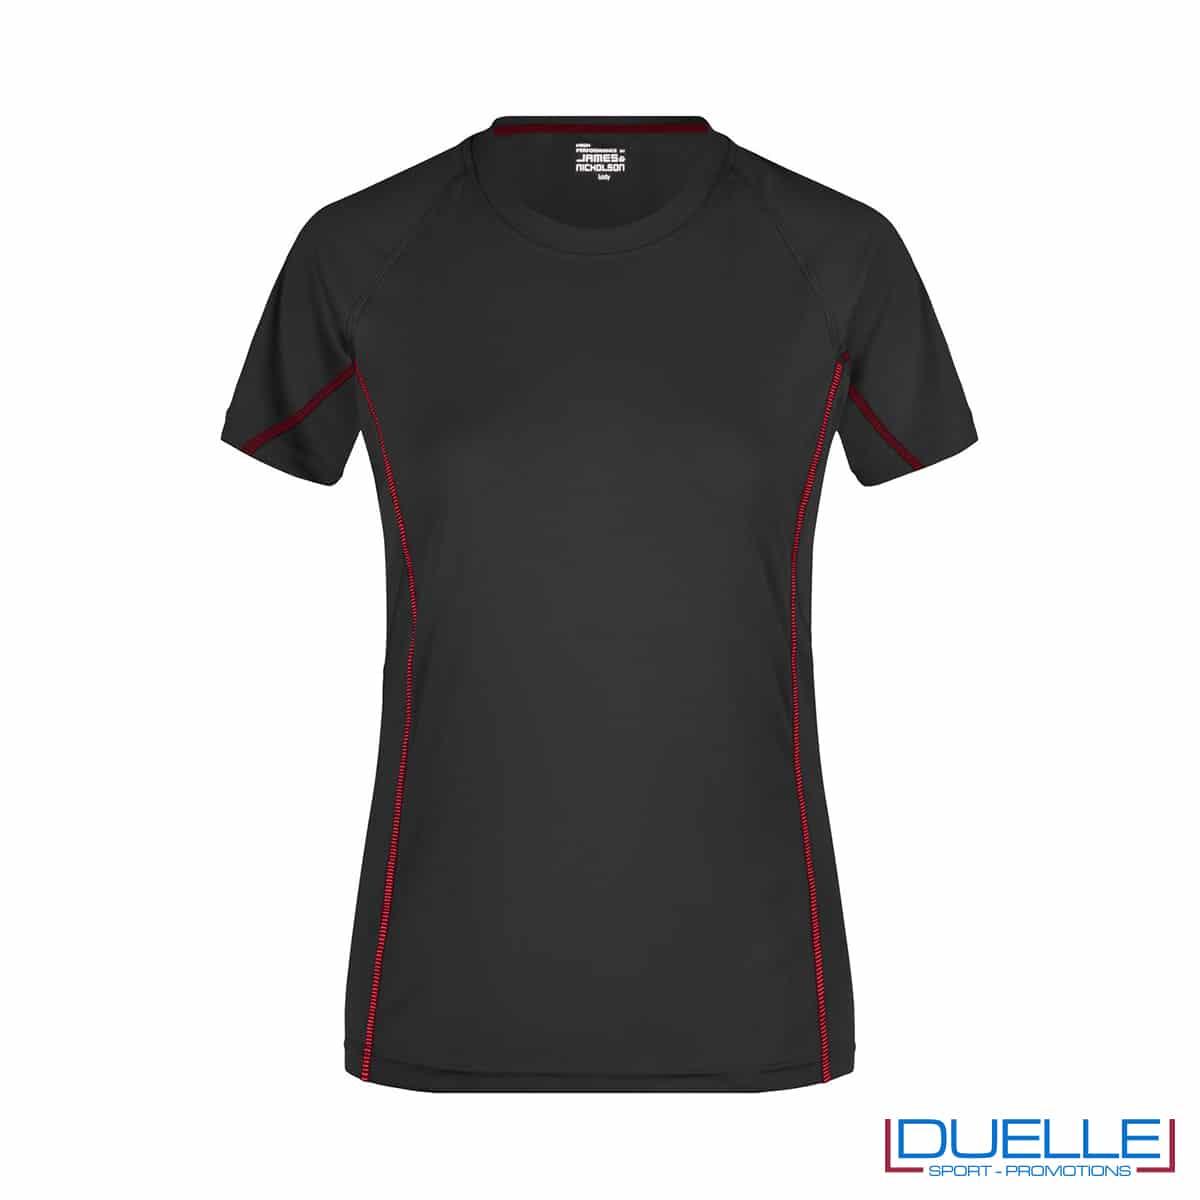 Maglia running Coolmax donna colore nero/rosso personalizzata